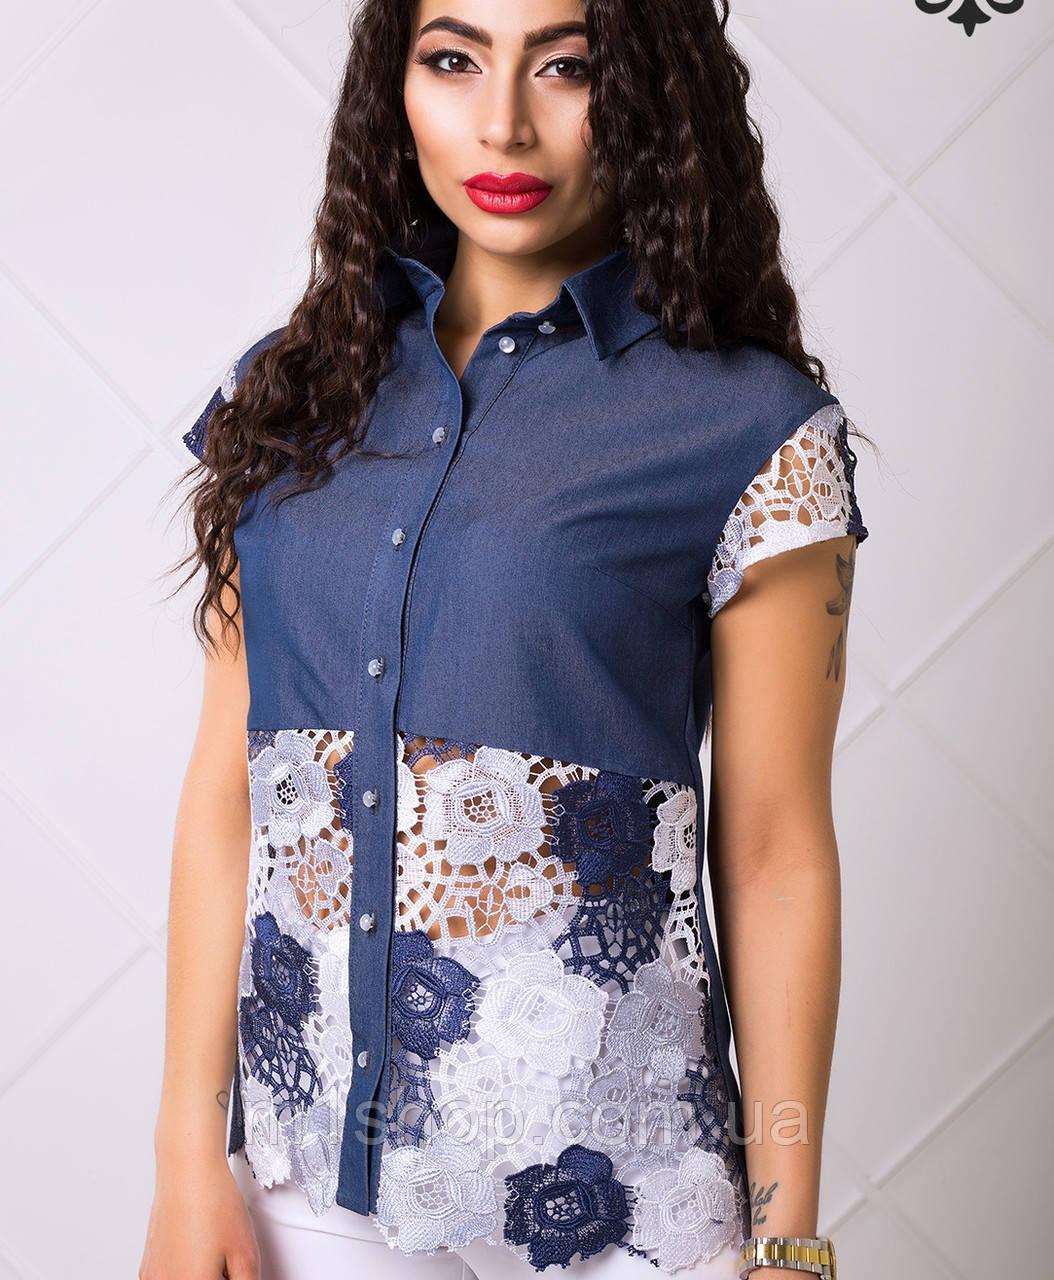 Женская джинсовая рубашка с кружевом (Женева lzn)